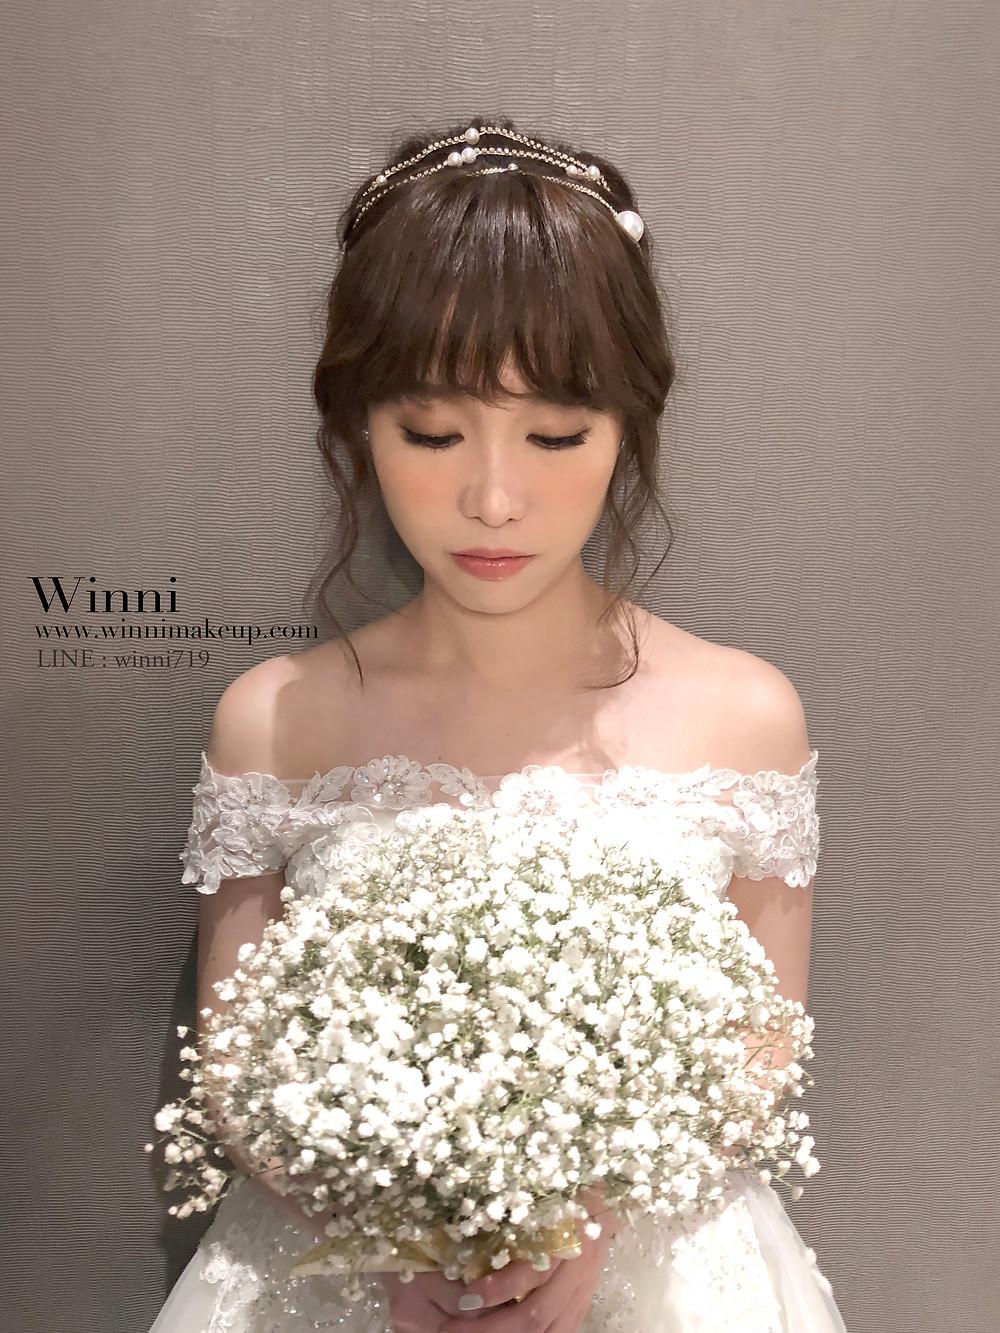 #自然新娘妝 #低盤髮造型 #新娘造型 #質感新娘